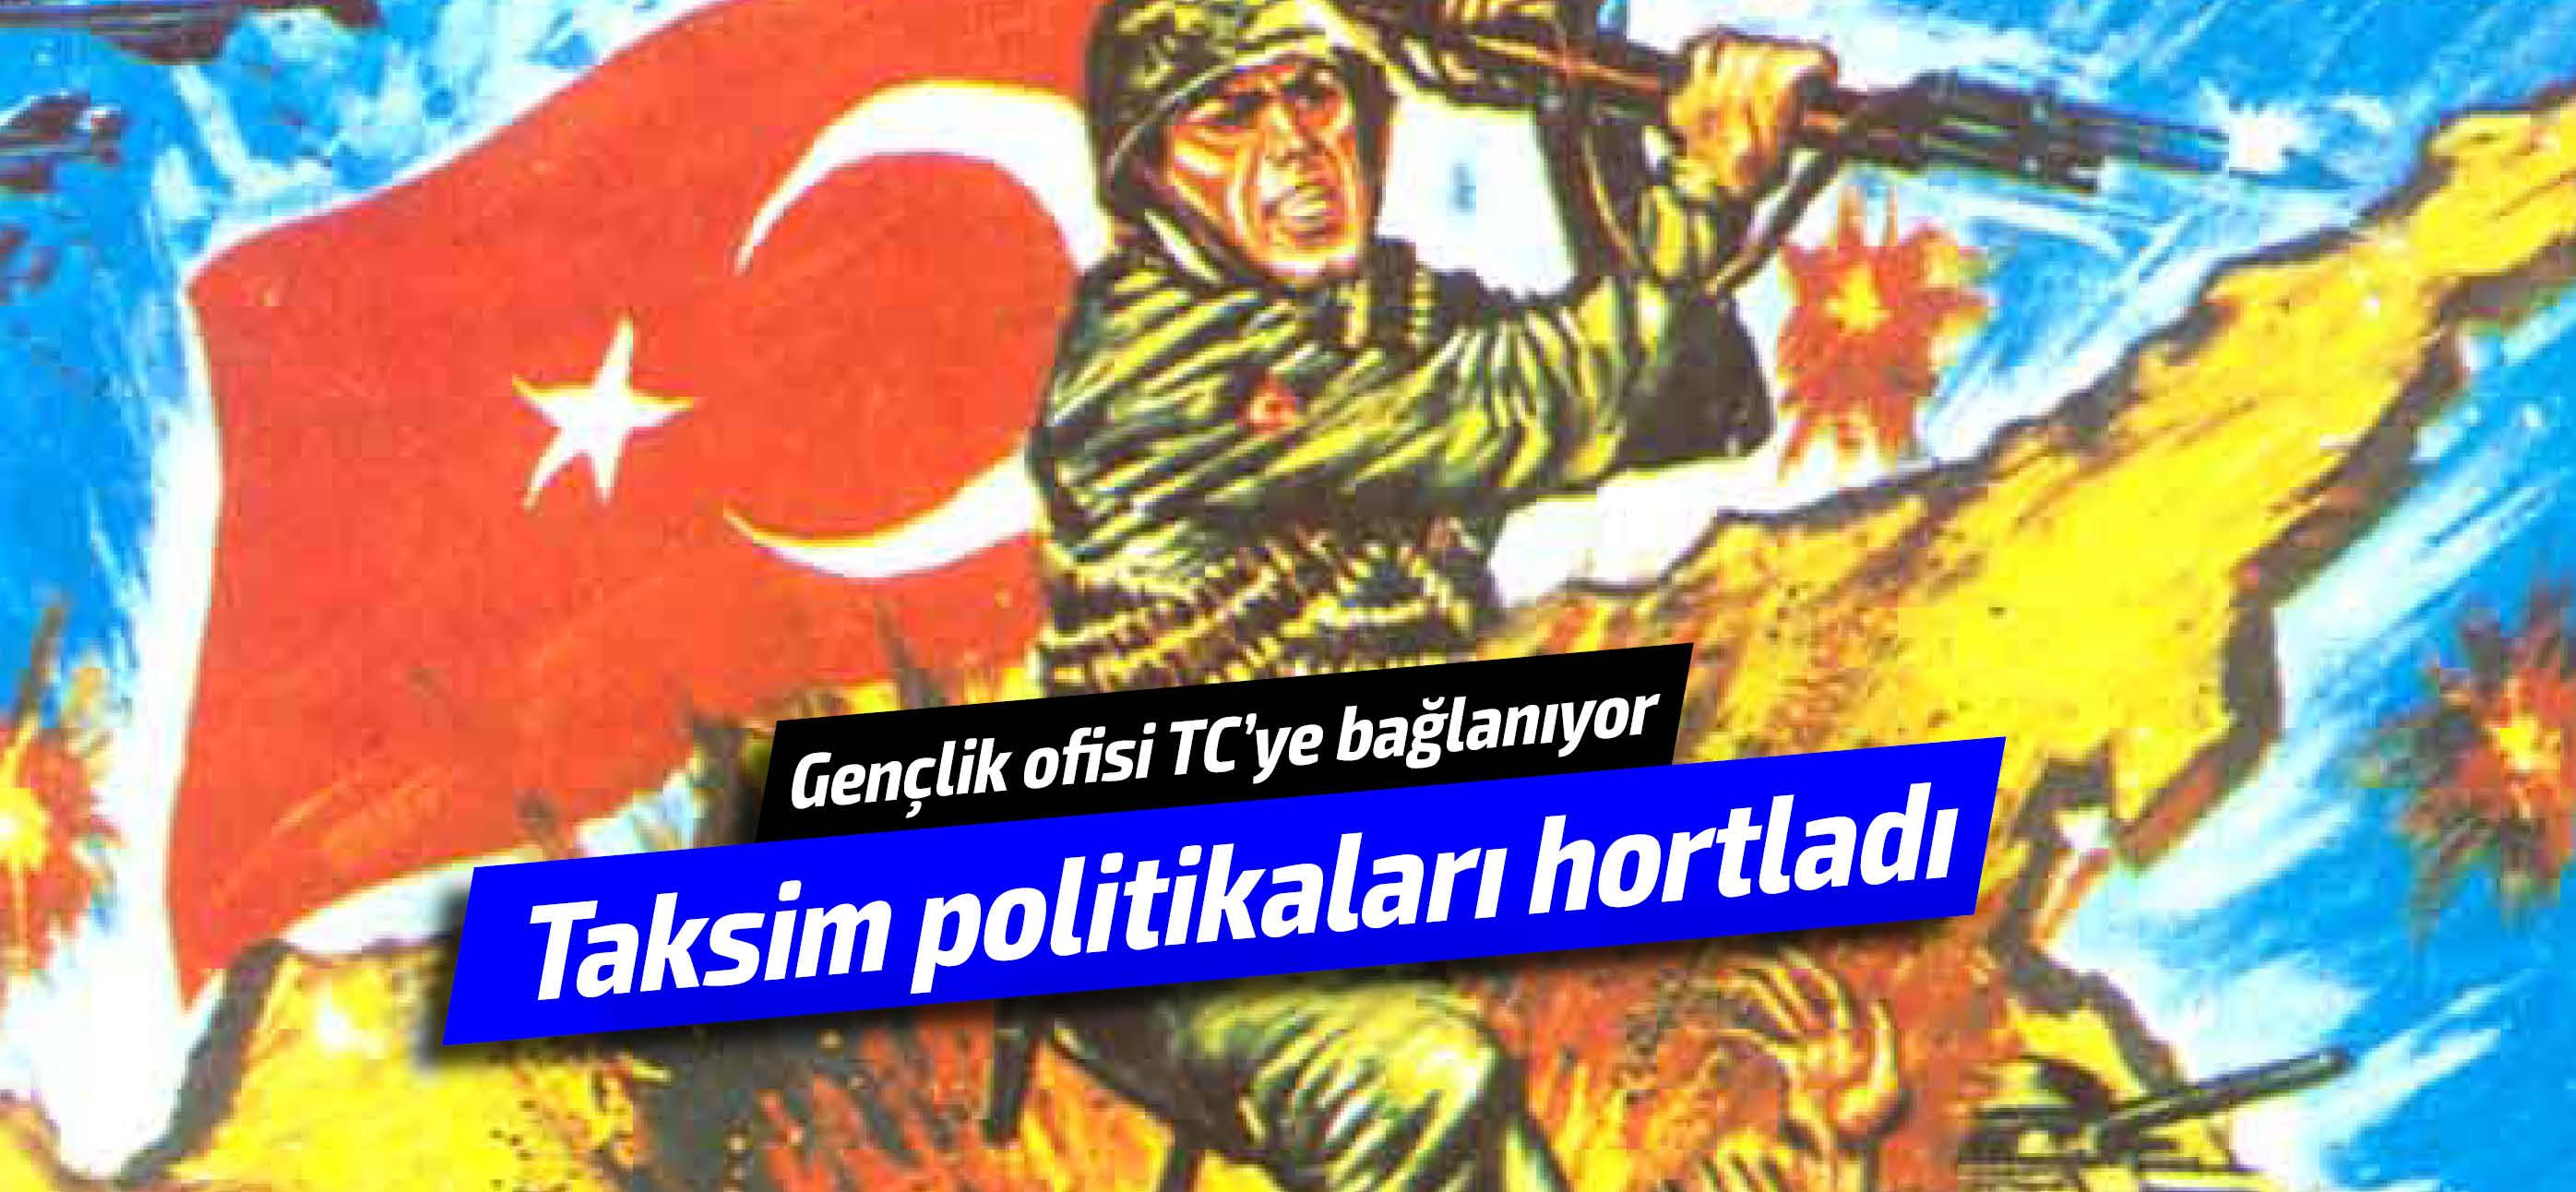 Taksim politikası hortladı